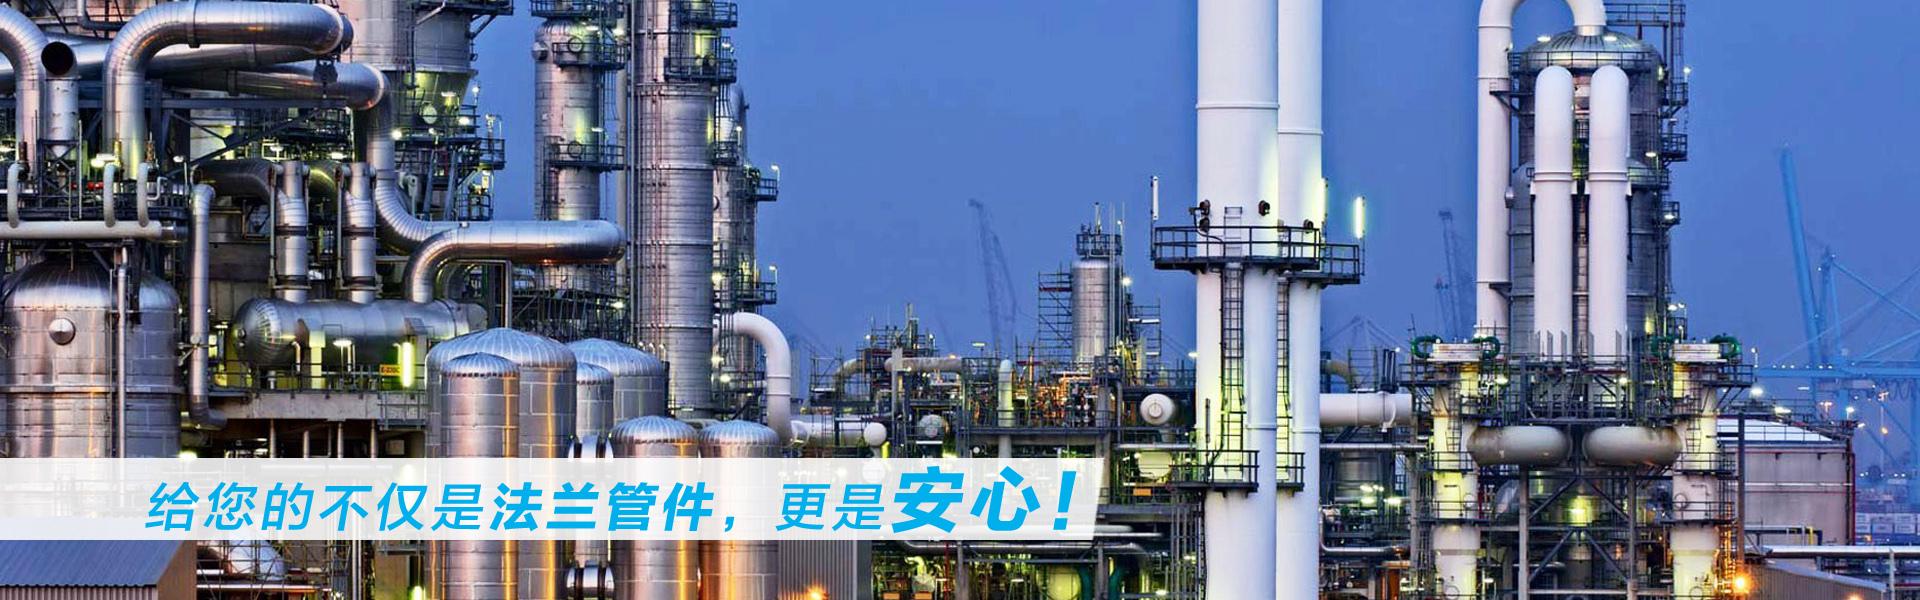 肇慶市高要新中石化管道配件有限公司屬特種設備行業協會會員單位,聯系方式0758-8178335,13580646481黃小姐,歡迎您的到來!